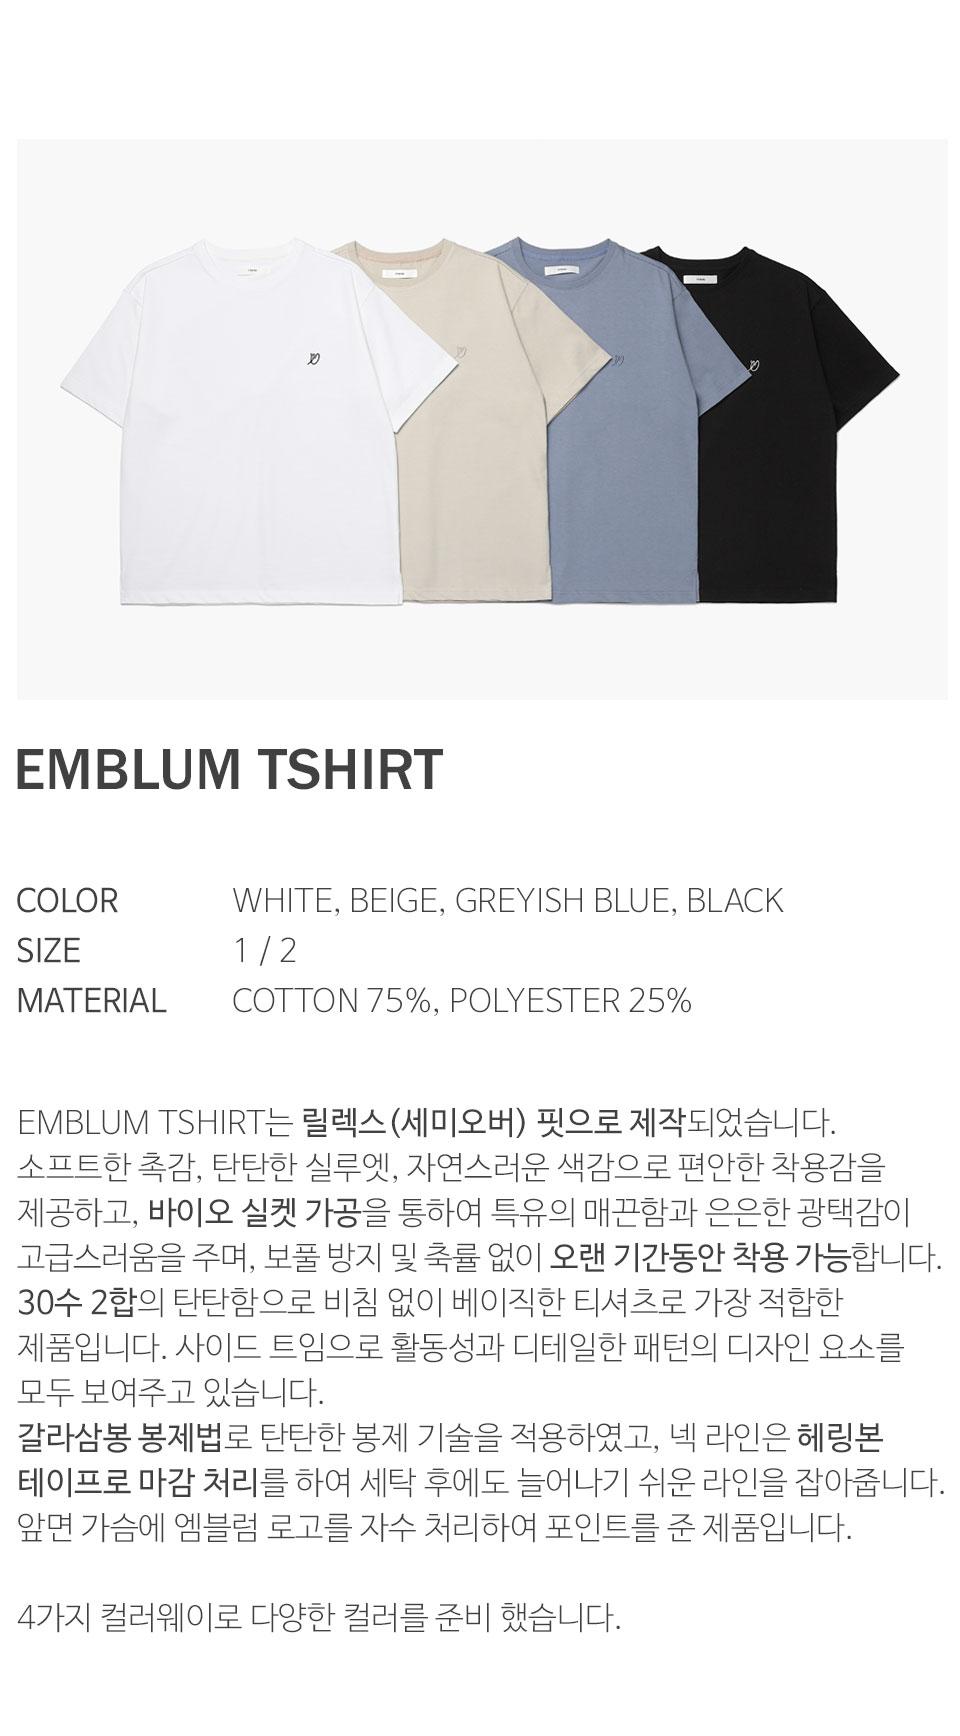 에노우(ENOU) 엠블럼 티셔츠_베이지(EN2BMMT505A)